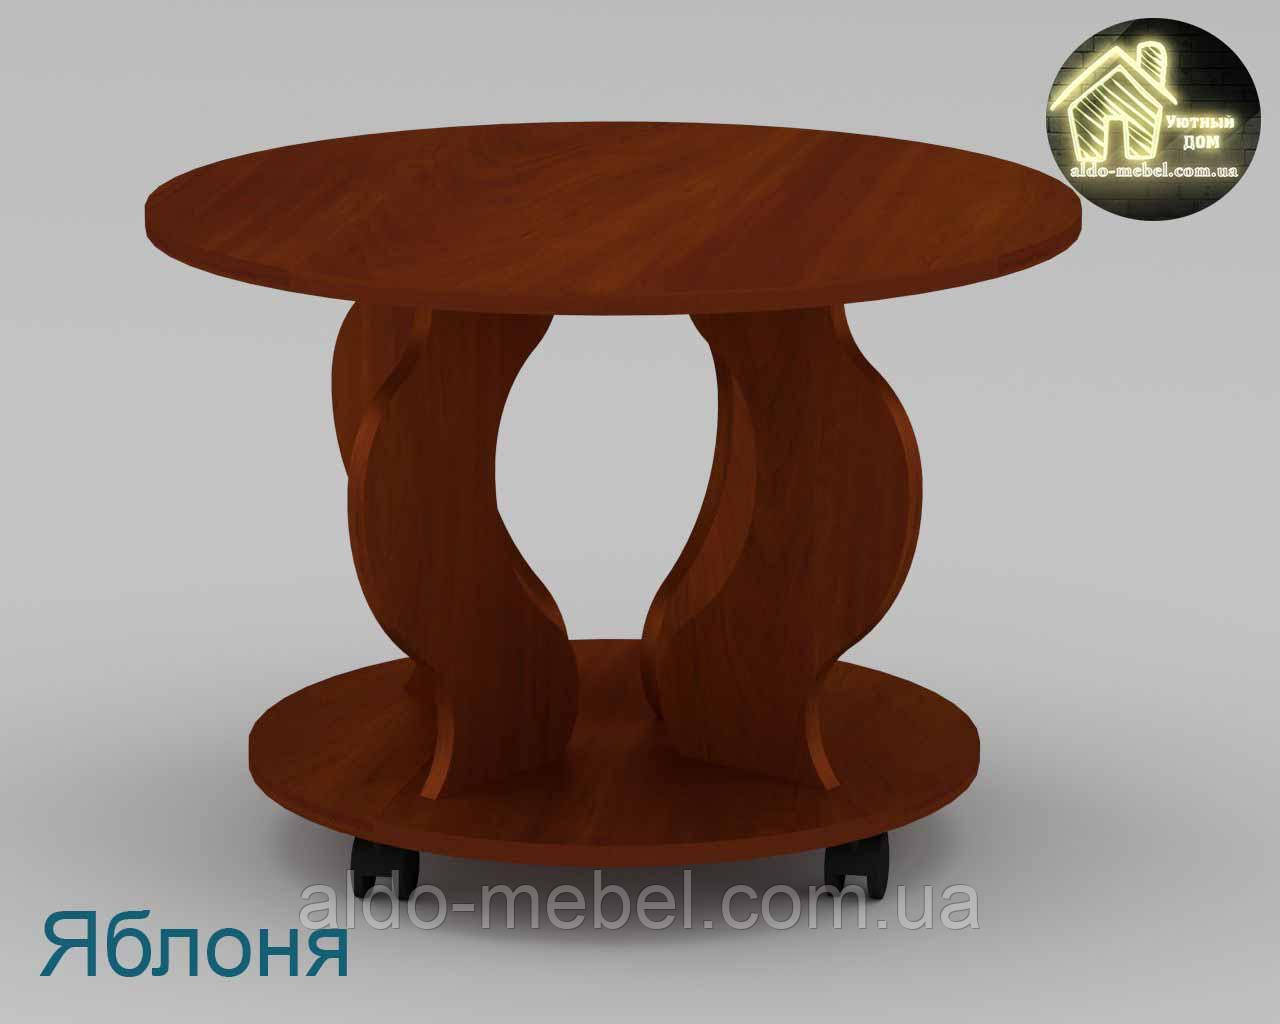 Стол журнальный Ринг Габариты Ш - 697 мм; В - 484 мм; Г - 697 мм (Компанит)